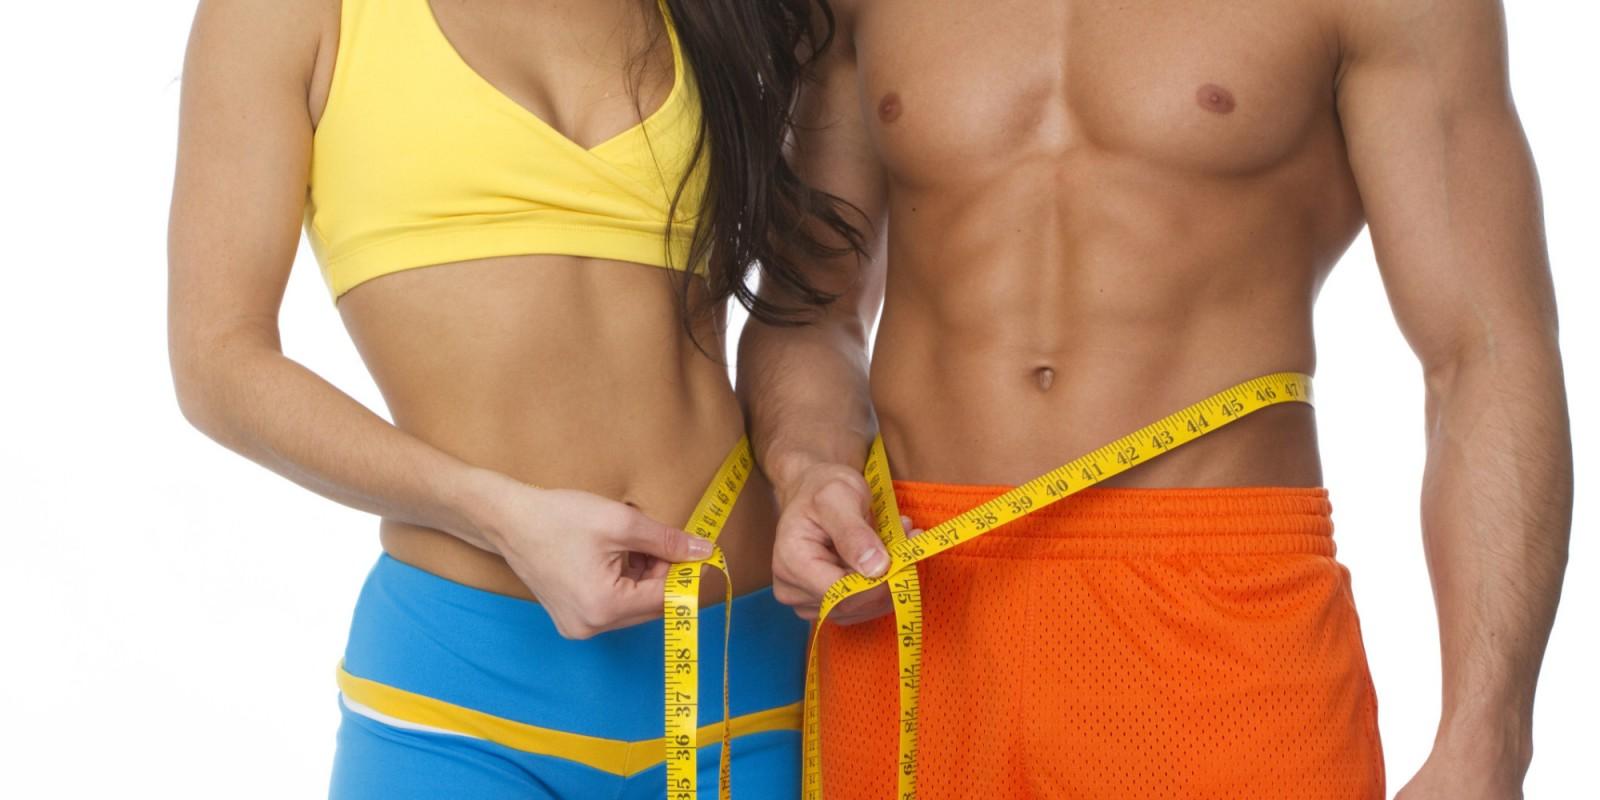 Изображение - Сколько нужно есть белков жиров и углеводов чтобы похудеть proxy?url=http%3A%2F%2Fkkal.ru%2Fwp-content%2Fuploads%2F2016%2F09%2F12400343